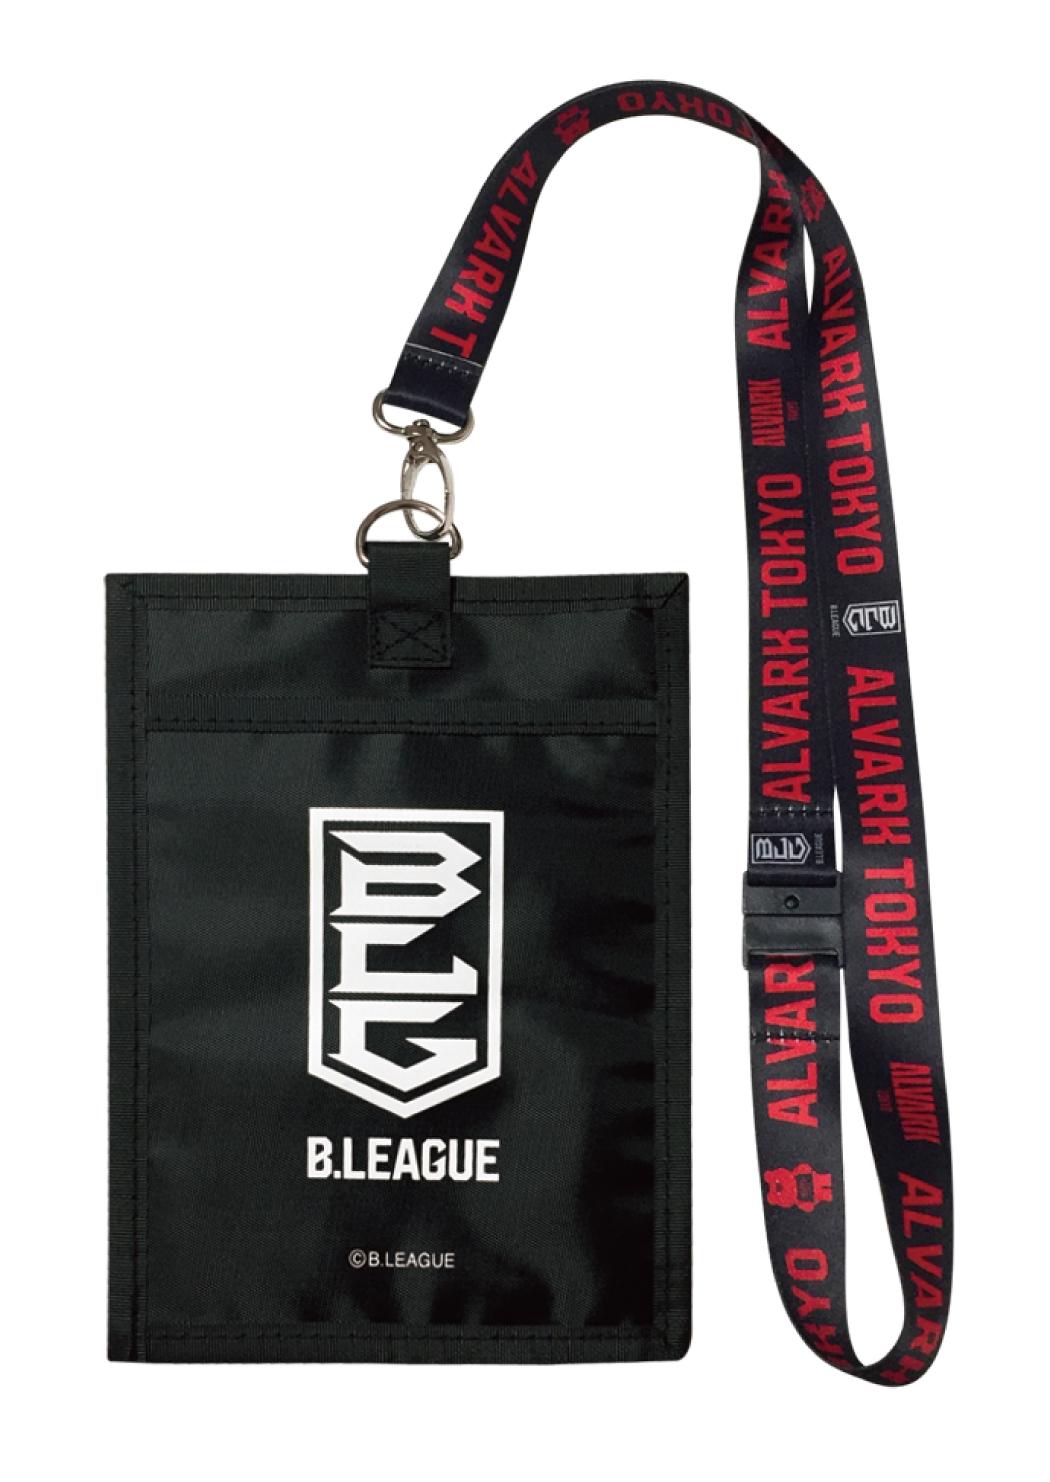 B.LEAGUE チケットホルダー アルバルク東京 【メール便可能】